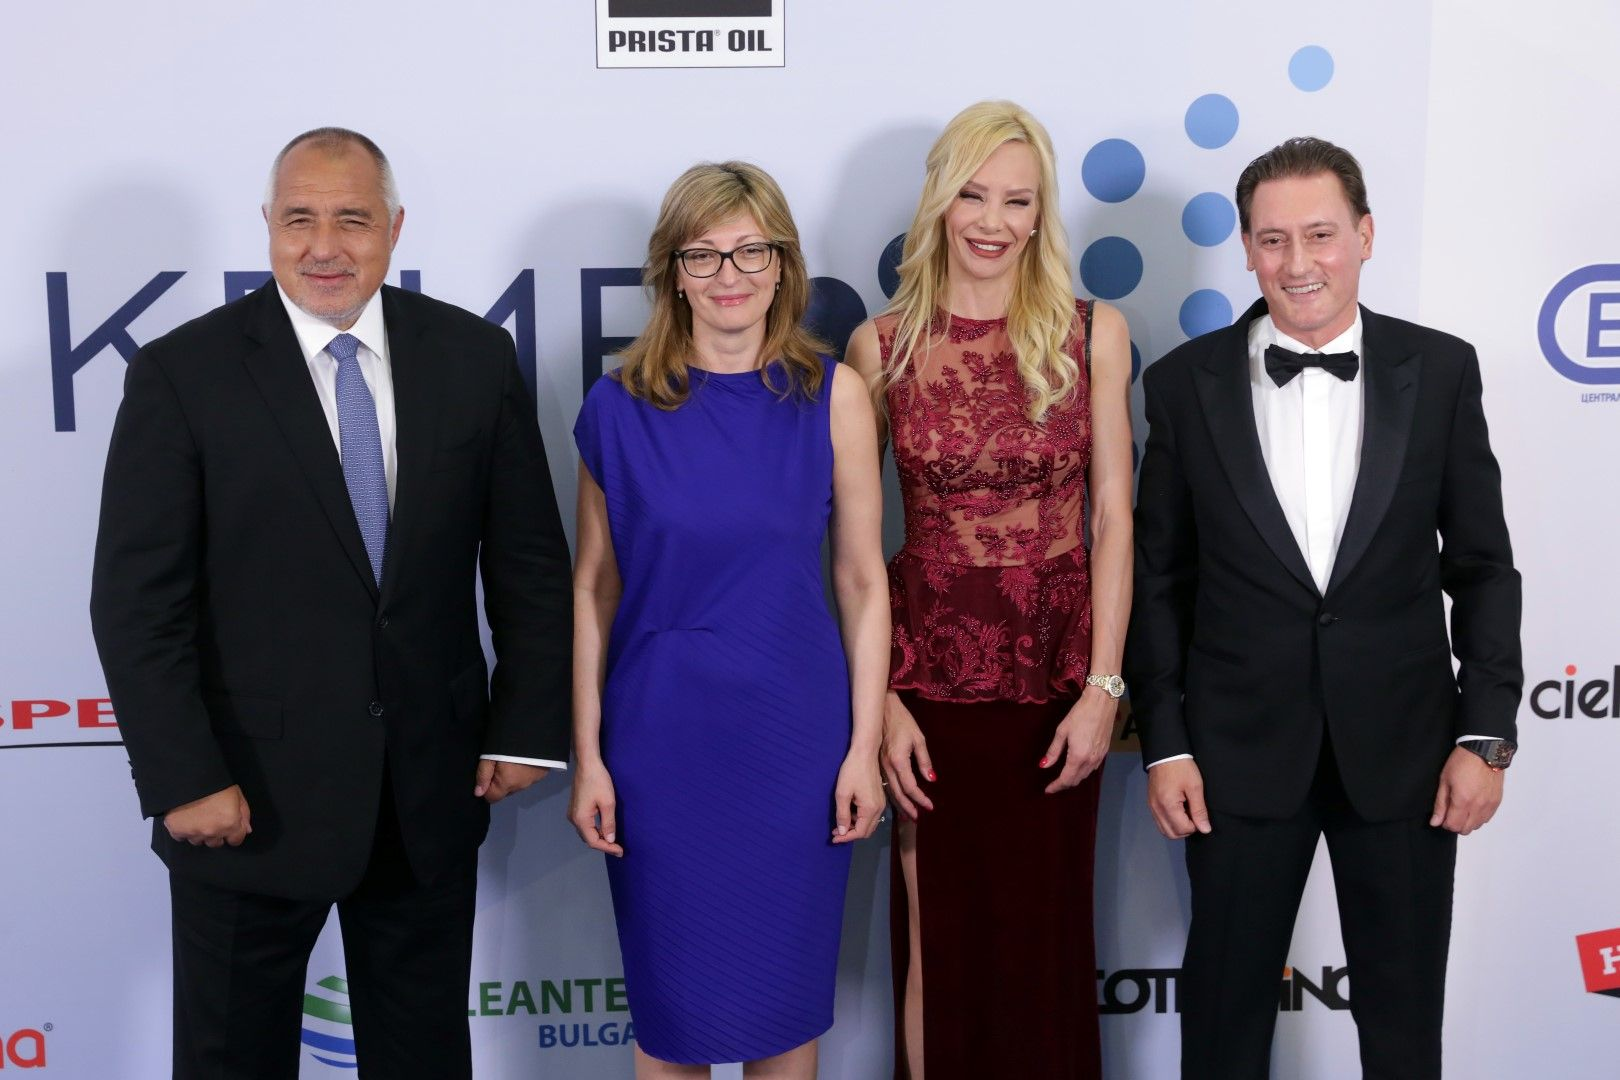 Премиерът се снима с Екатерина Захариева и семейство Домусчиеви